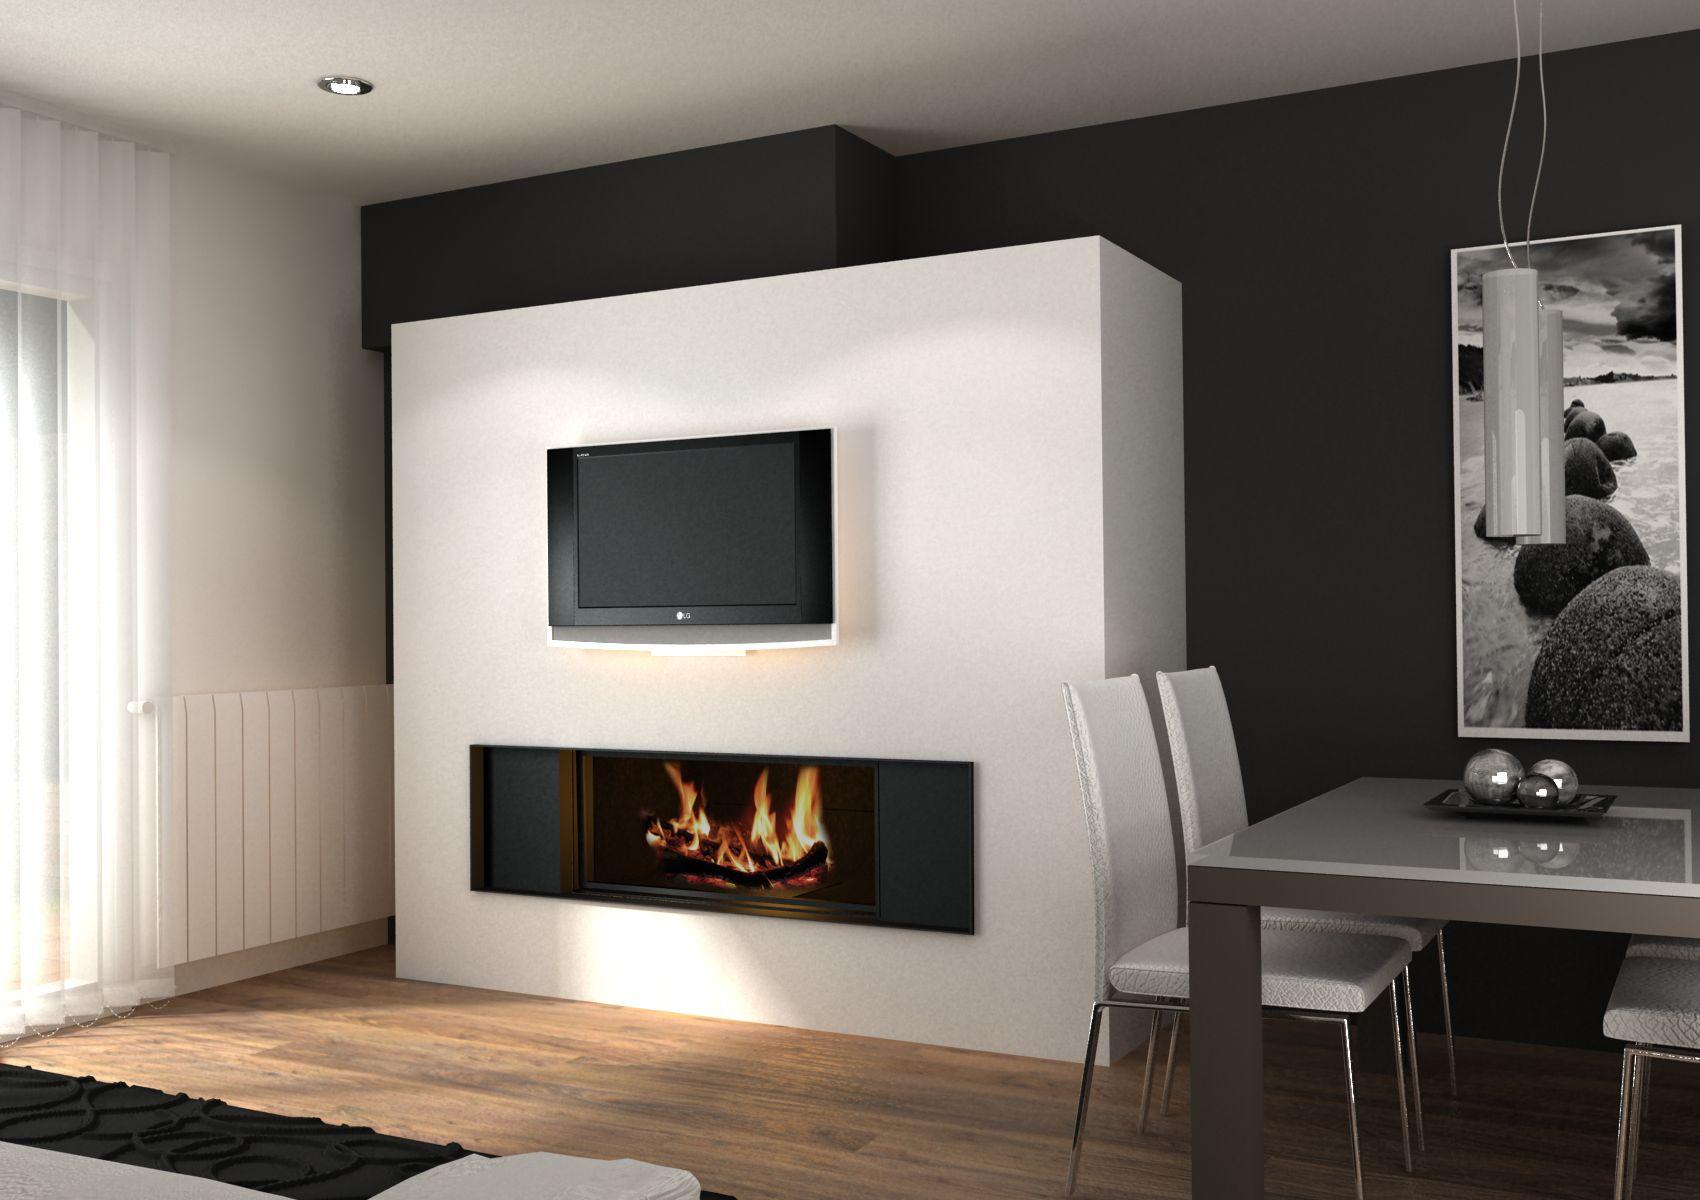 Imagenes de comedores modernos con chimenea buscar con for Chimeneas en apartamentos pequenos